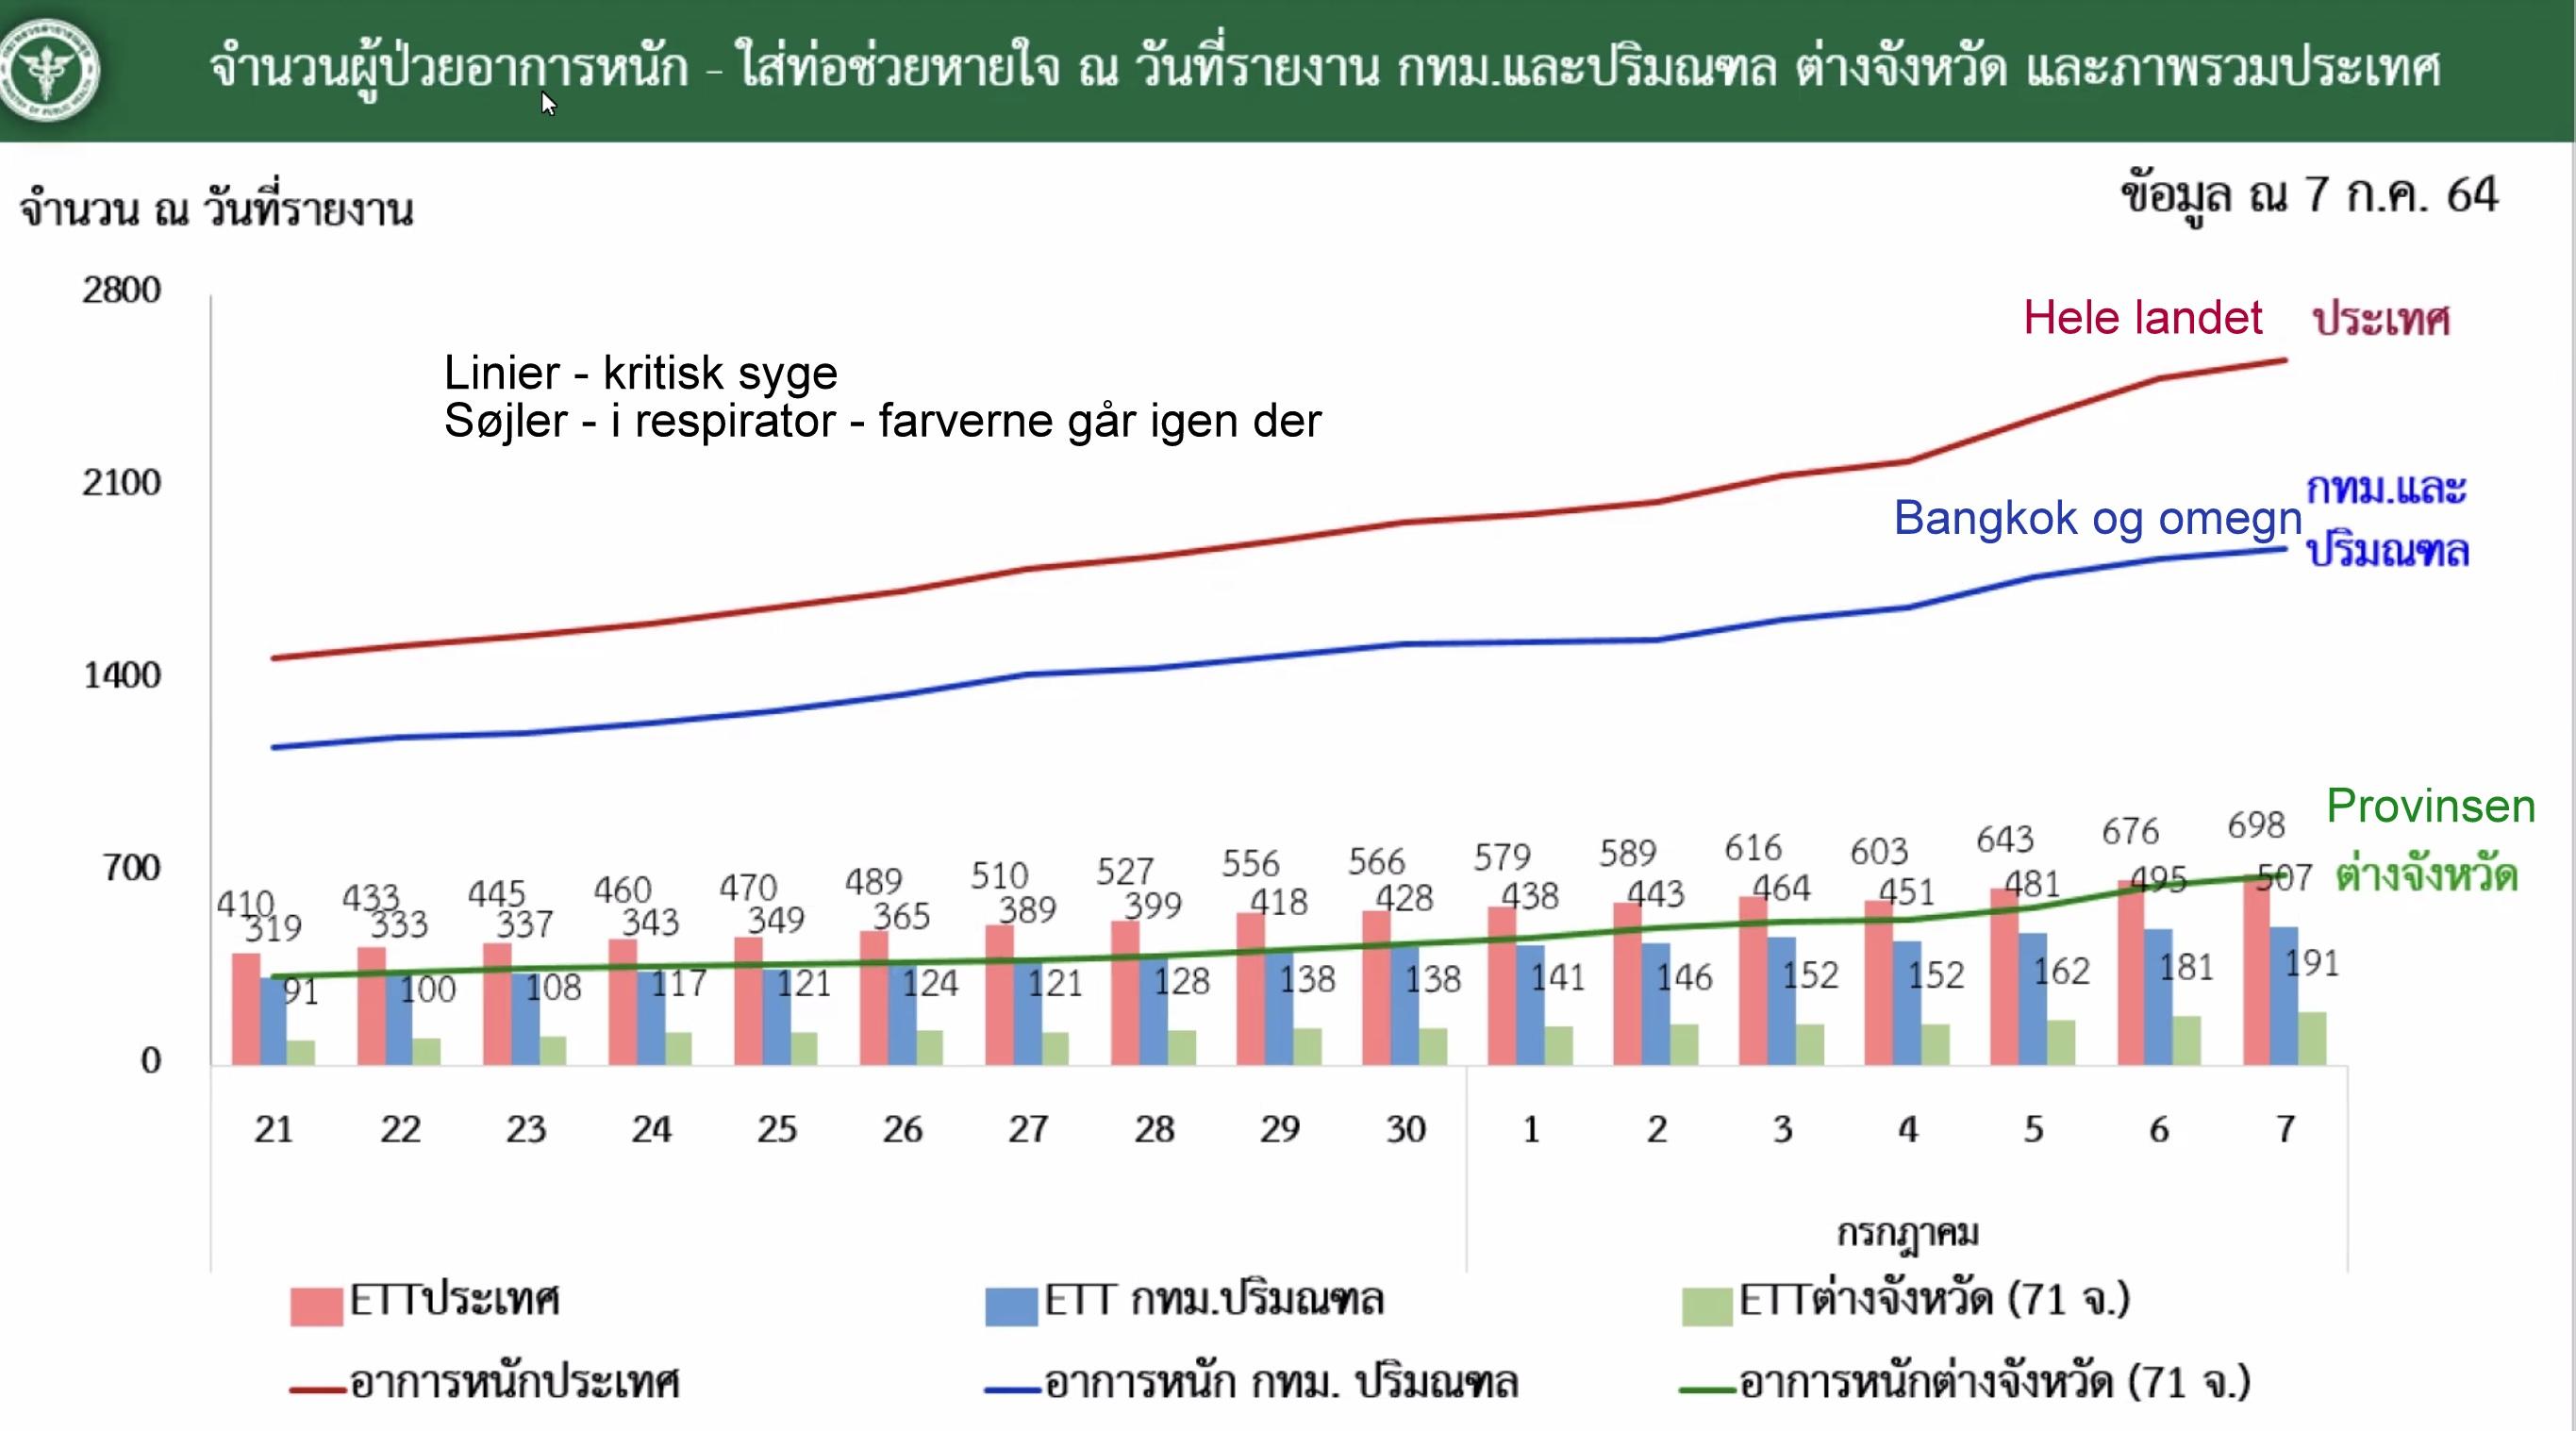 www.thaiguide.dk/images/forum/covid19/kritisk%20respirator%20graf%20r%2008-07-21.jpg